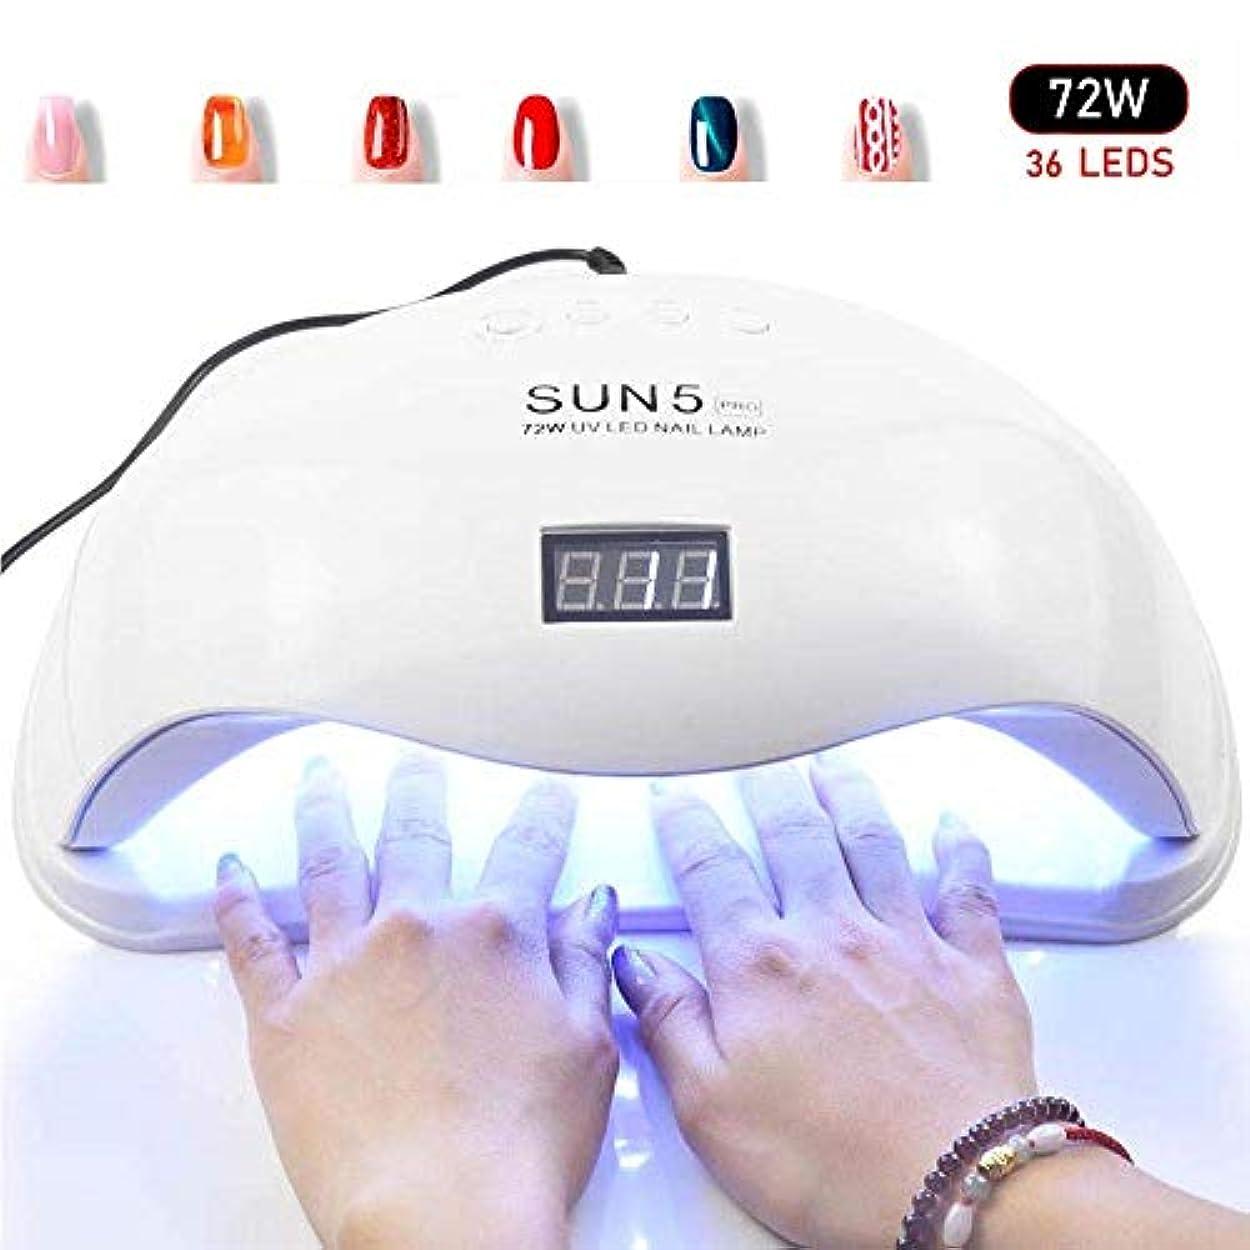 アーティキュレーション里親抜け目のない72W UVライト LEDネイルランプ LED ネイルドライヤー 赤外線センシング 10/30 / 60s/99sタイマー設定 速乾 UVライトネイルポリッシュ用 (72W)